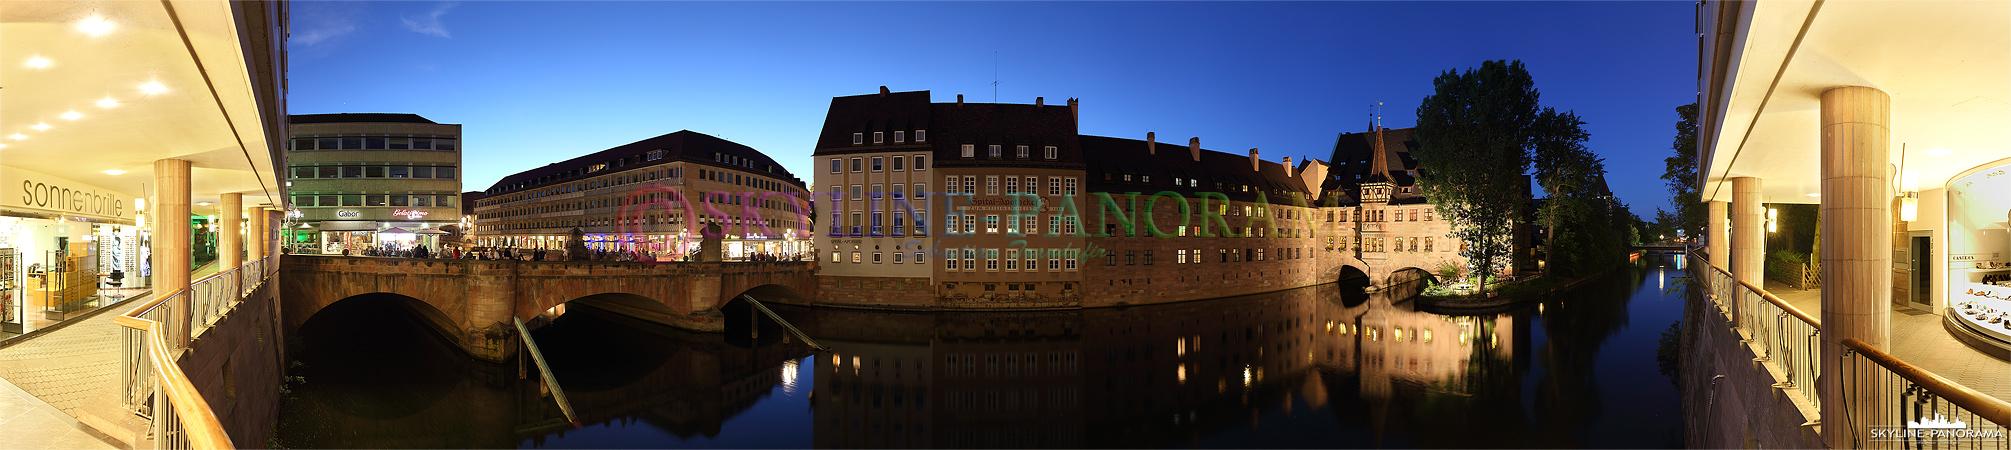 Sehenswürdigkeiten Nürnberg - Das abendliche Panorama auf eine der bekanntesten Sehenswürdigkeiten von Nürnberg - das beleuchtete Heilig Geist Spital mit der Spital-Apotheke an der Pegnitz gelegen.